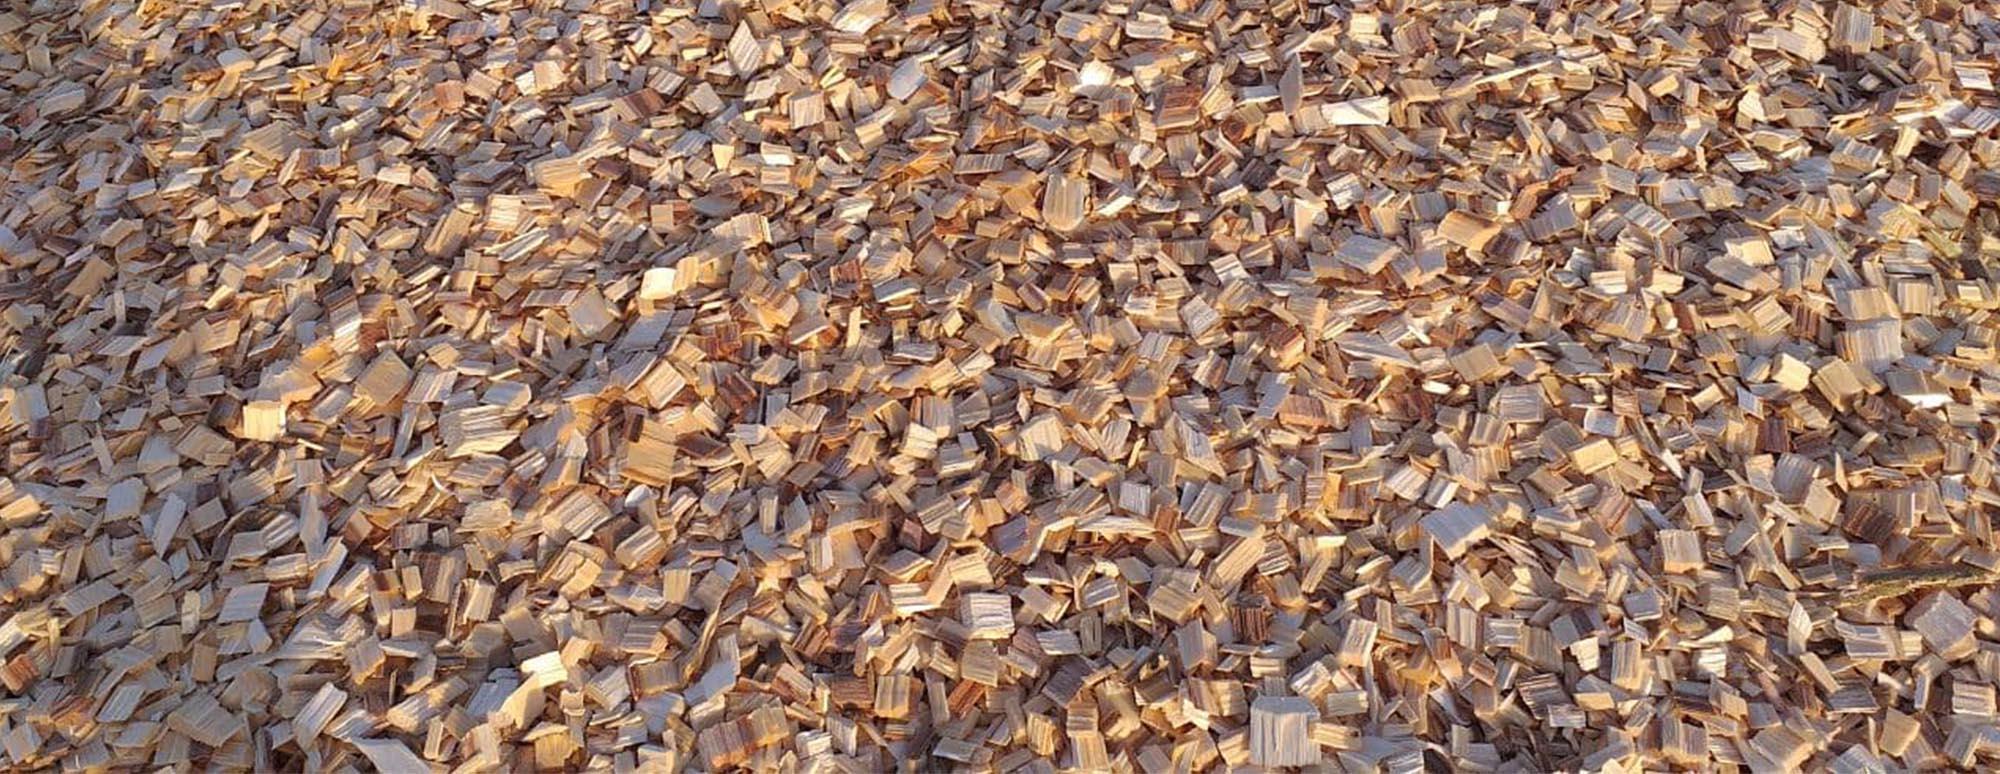 Dăm gỗ xuất khẩu được băm từ máy băm GREENMECH